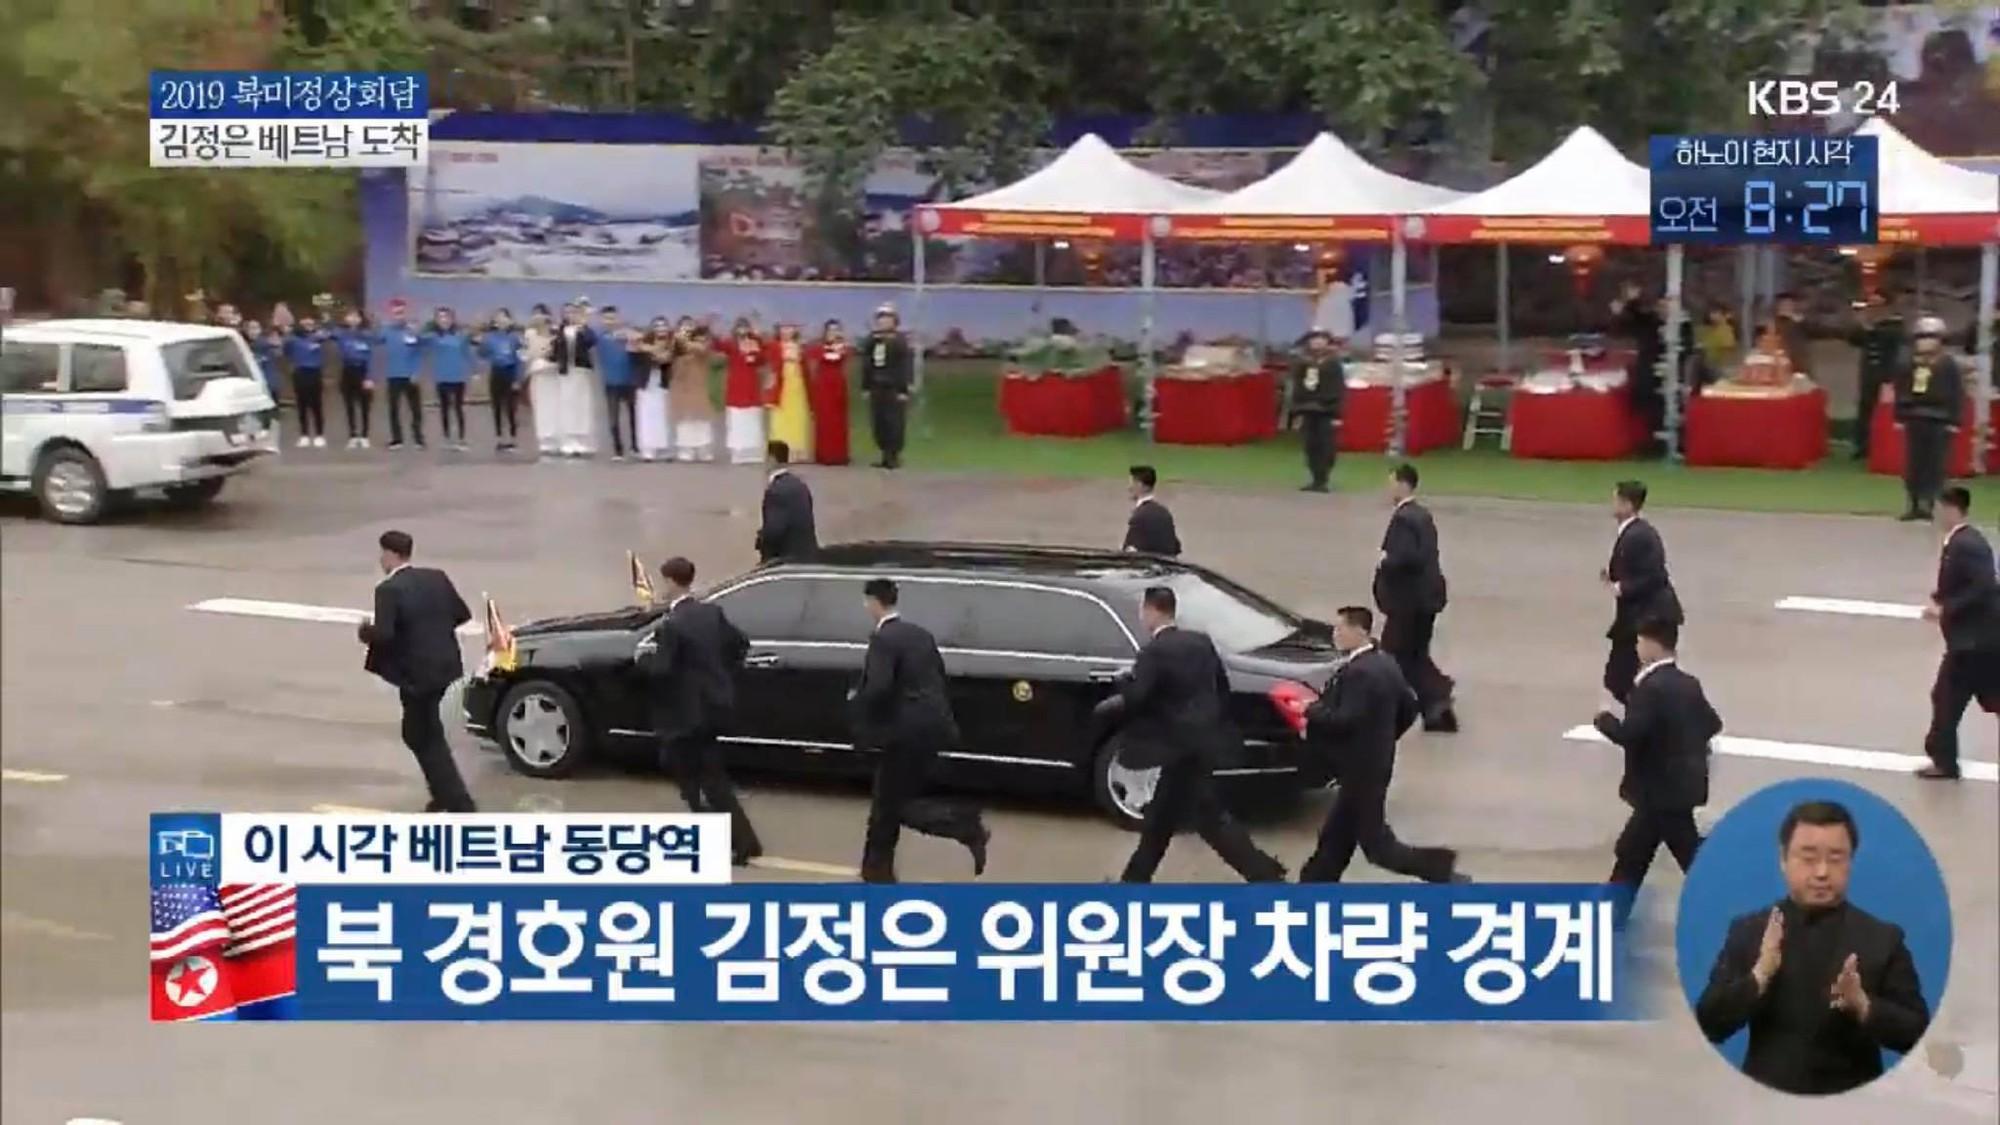 Dàn vệ sĩ tinh nhuệ tái hiện màn chạy bộ ấn tượng bên xe của Chủ tịch Kim Jong-un trước ga Đồng Đăng - Ảnh 8.